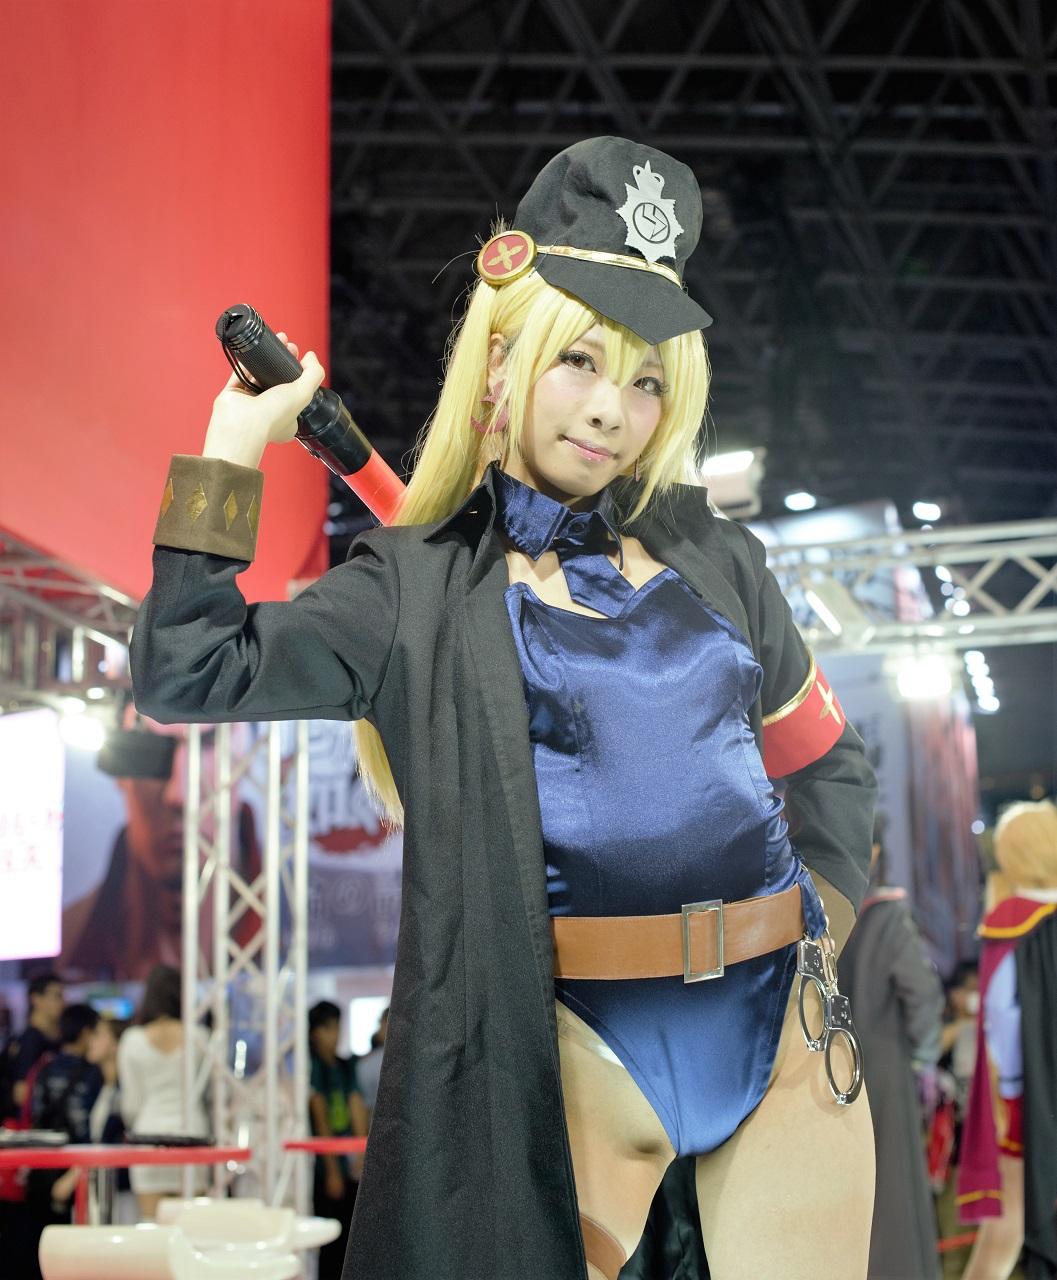 160918_28827_tgs_2016_cosplay_15.jpg